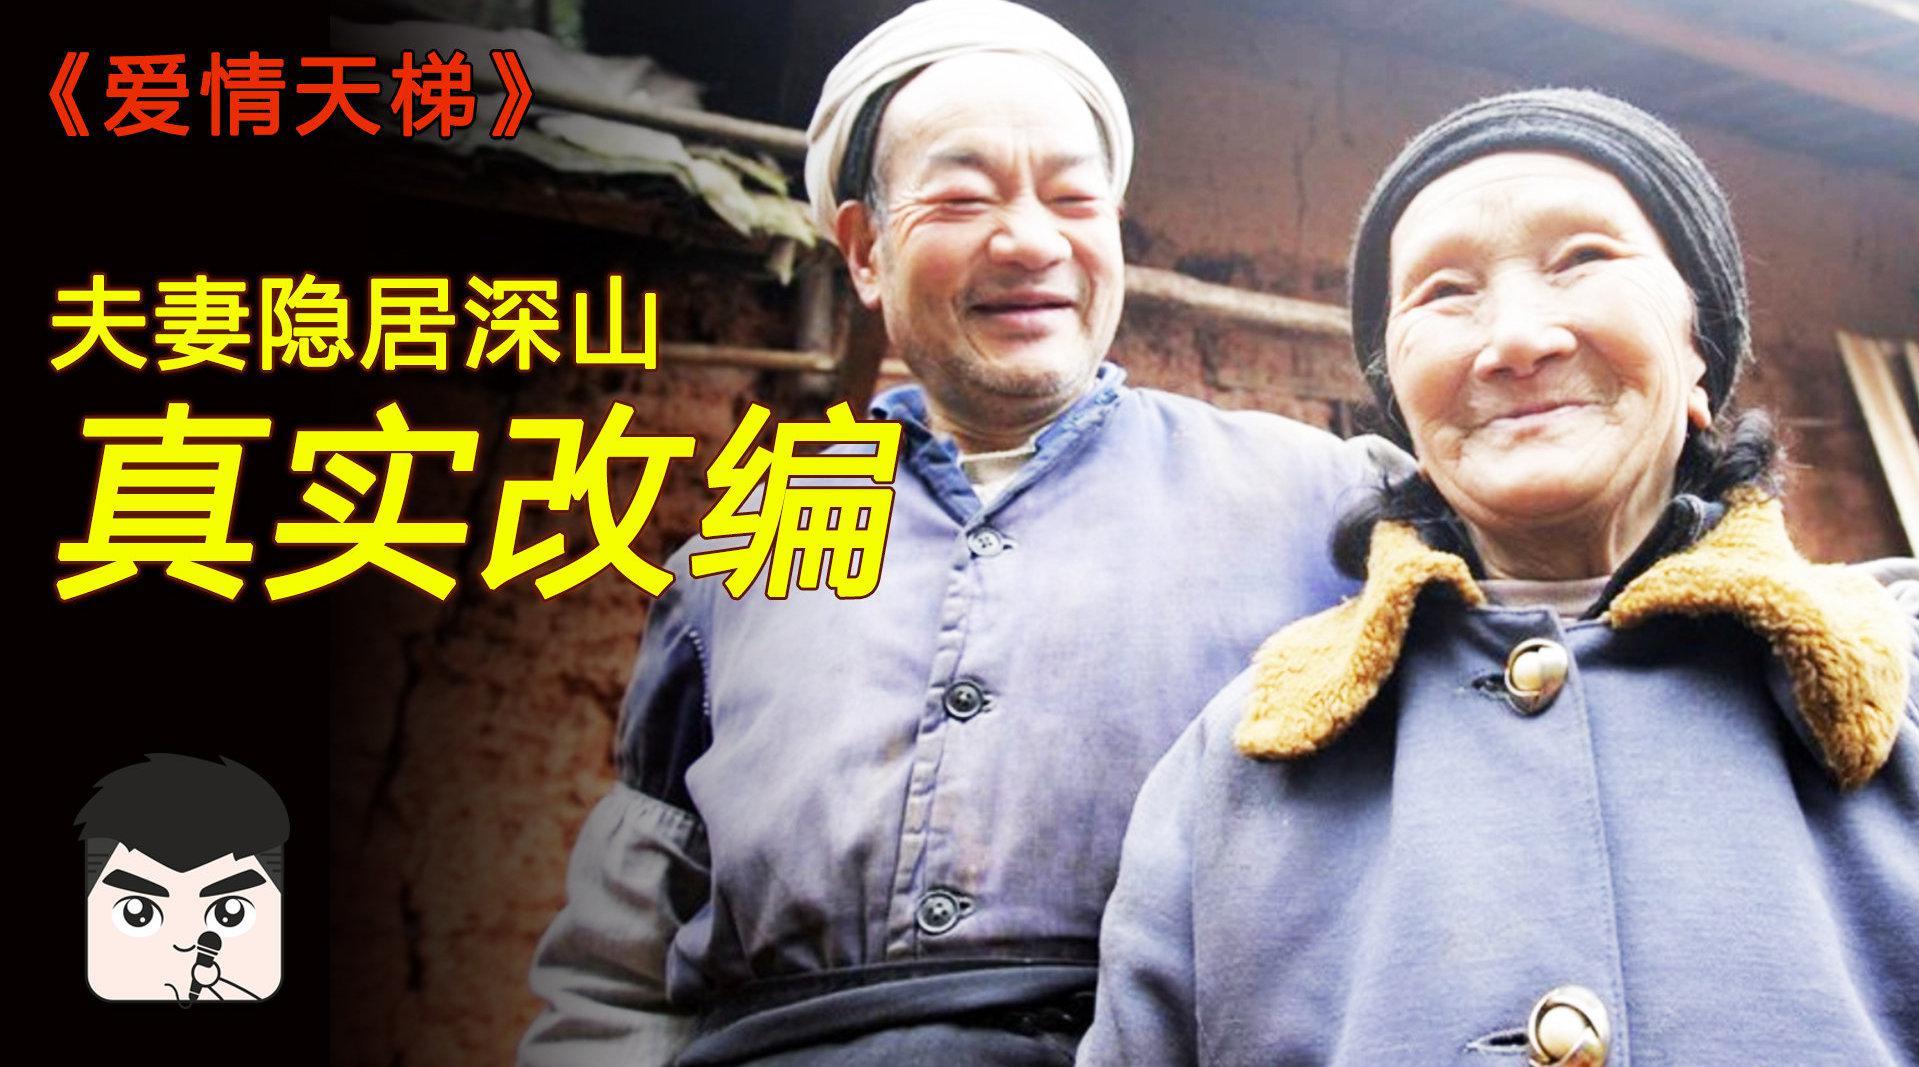 夫妻隐居深山,丈夫为方便妻子出行,50年手凿6208级石梯!